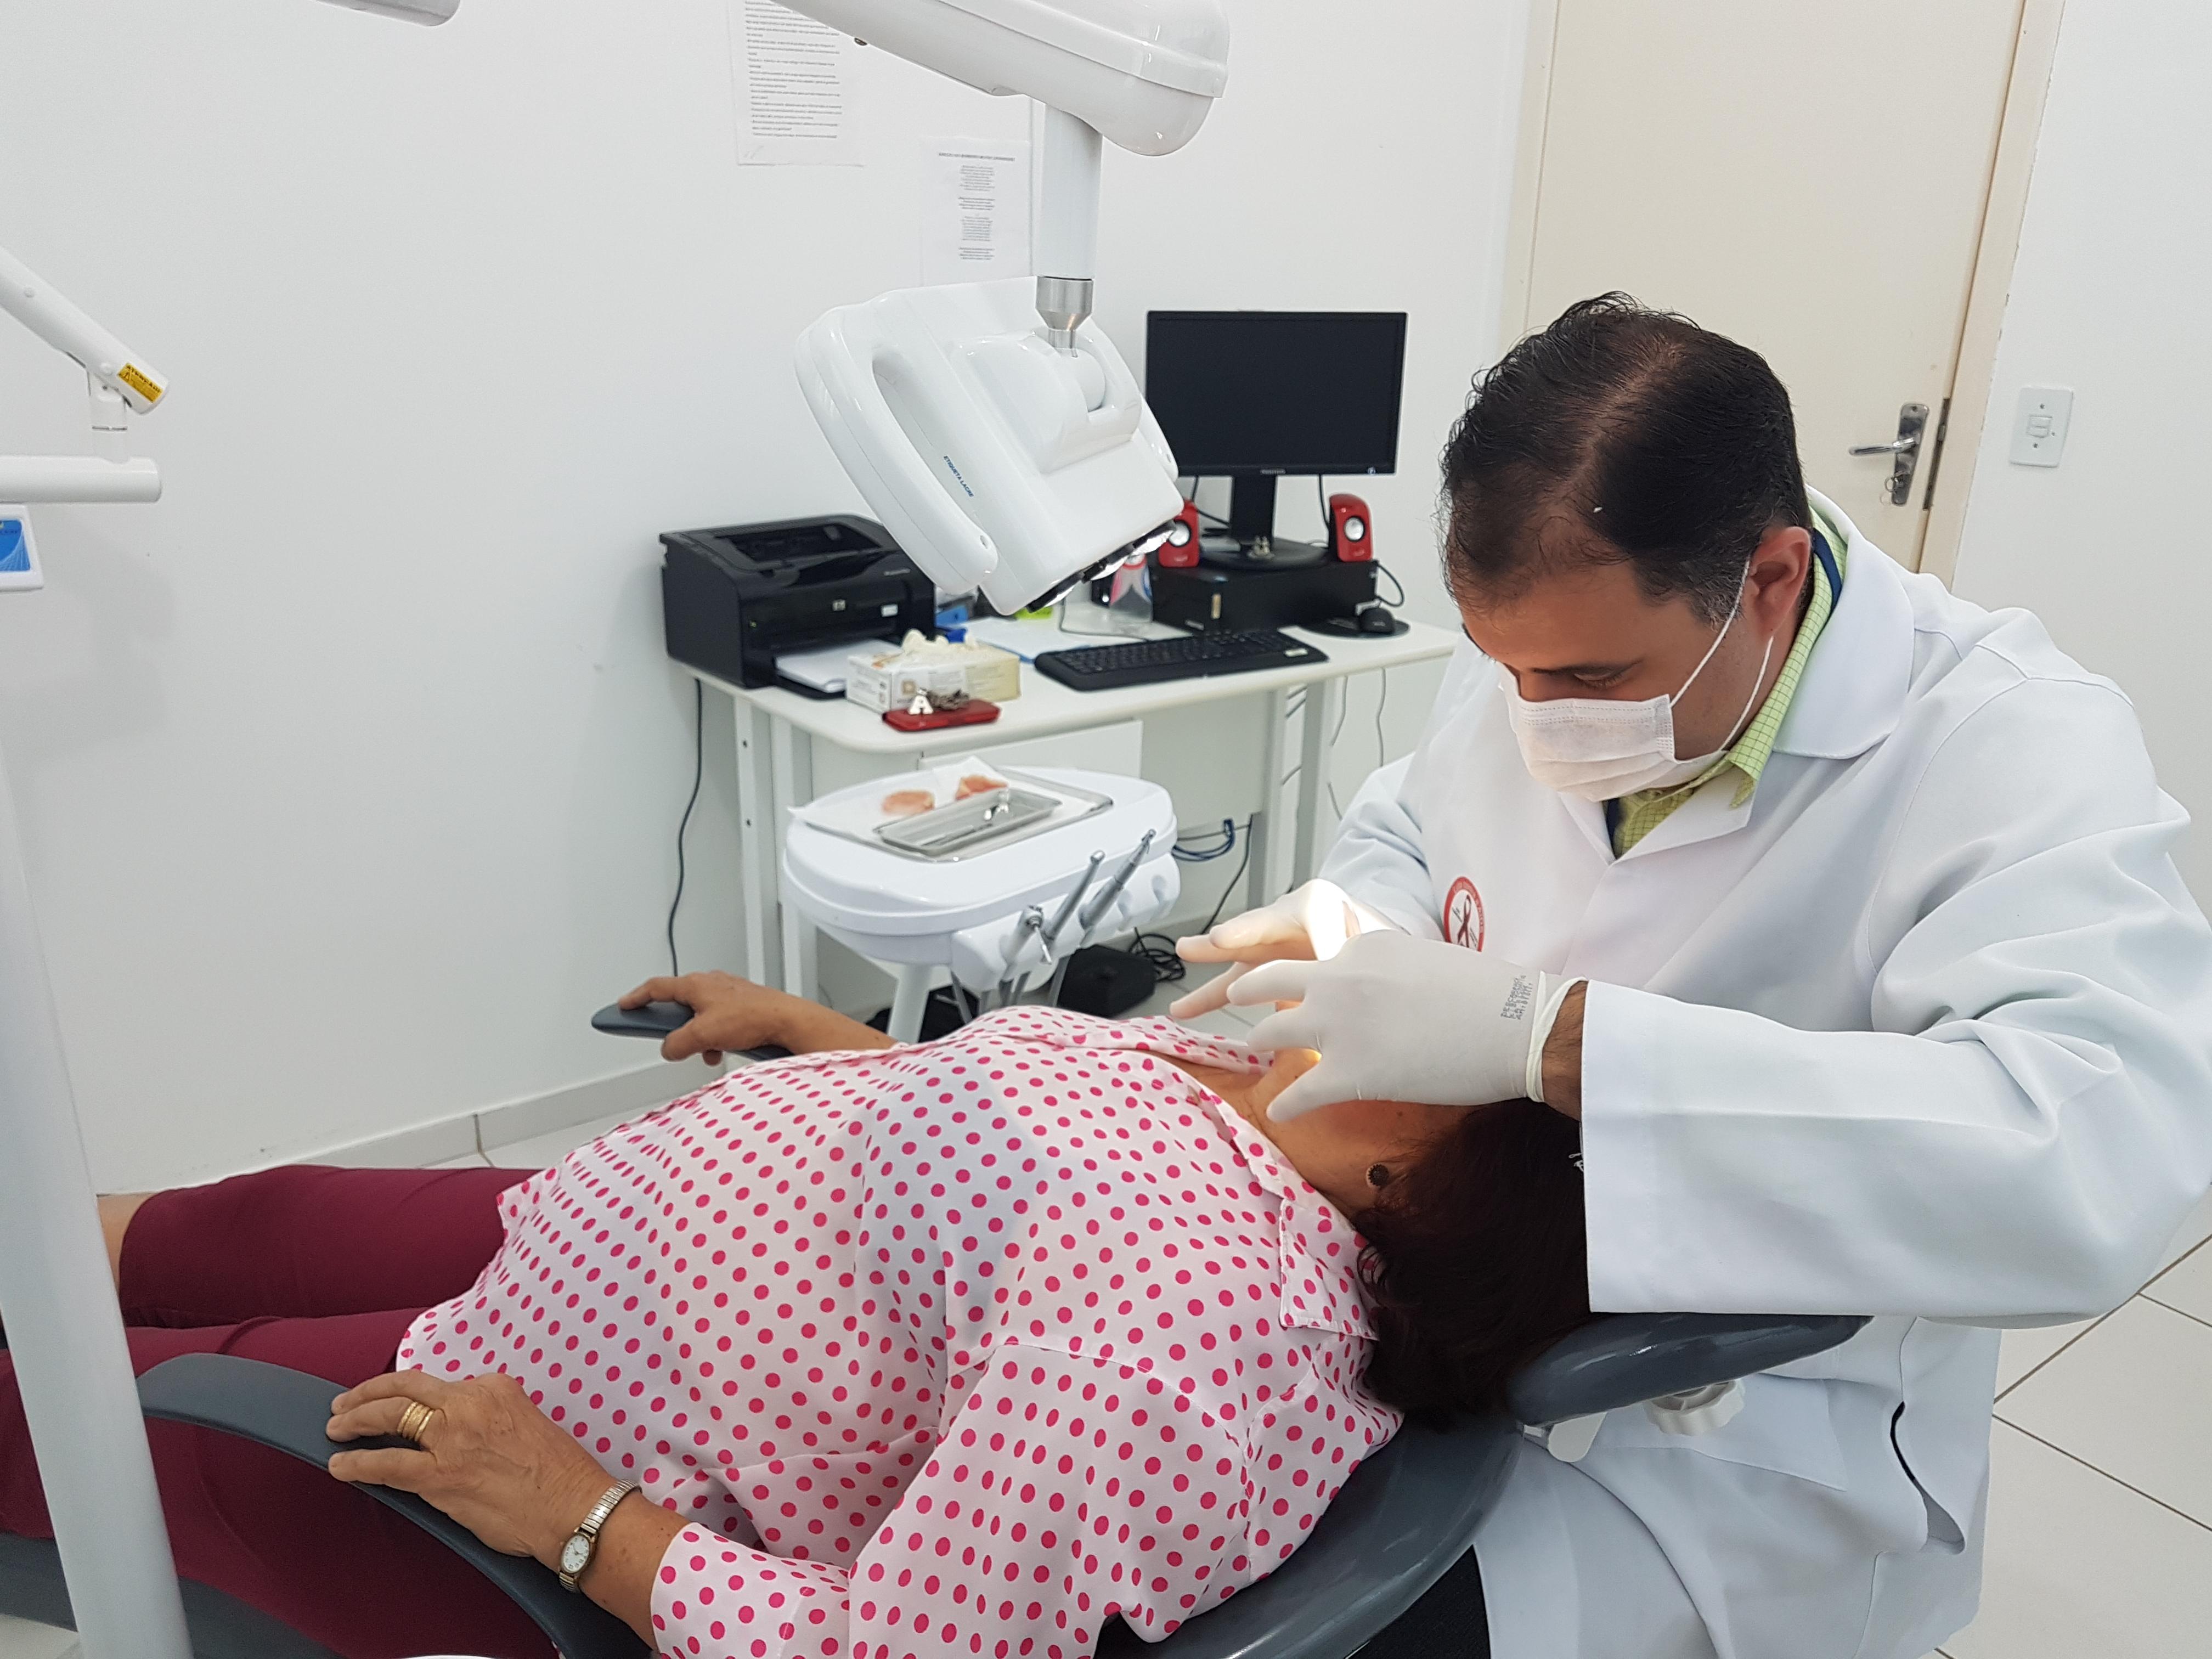 Programa Rincão Sorridente dará prótese dentária gratuita